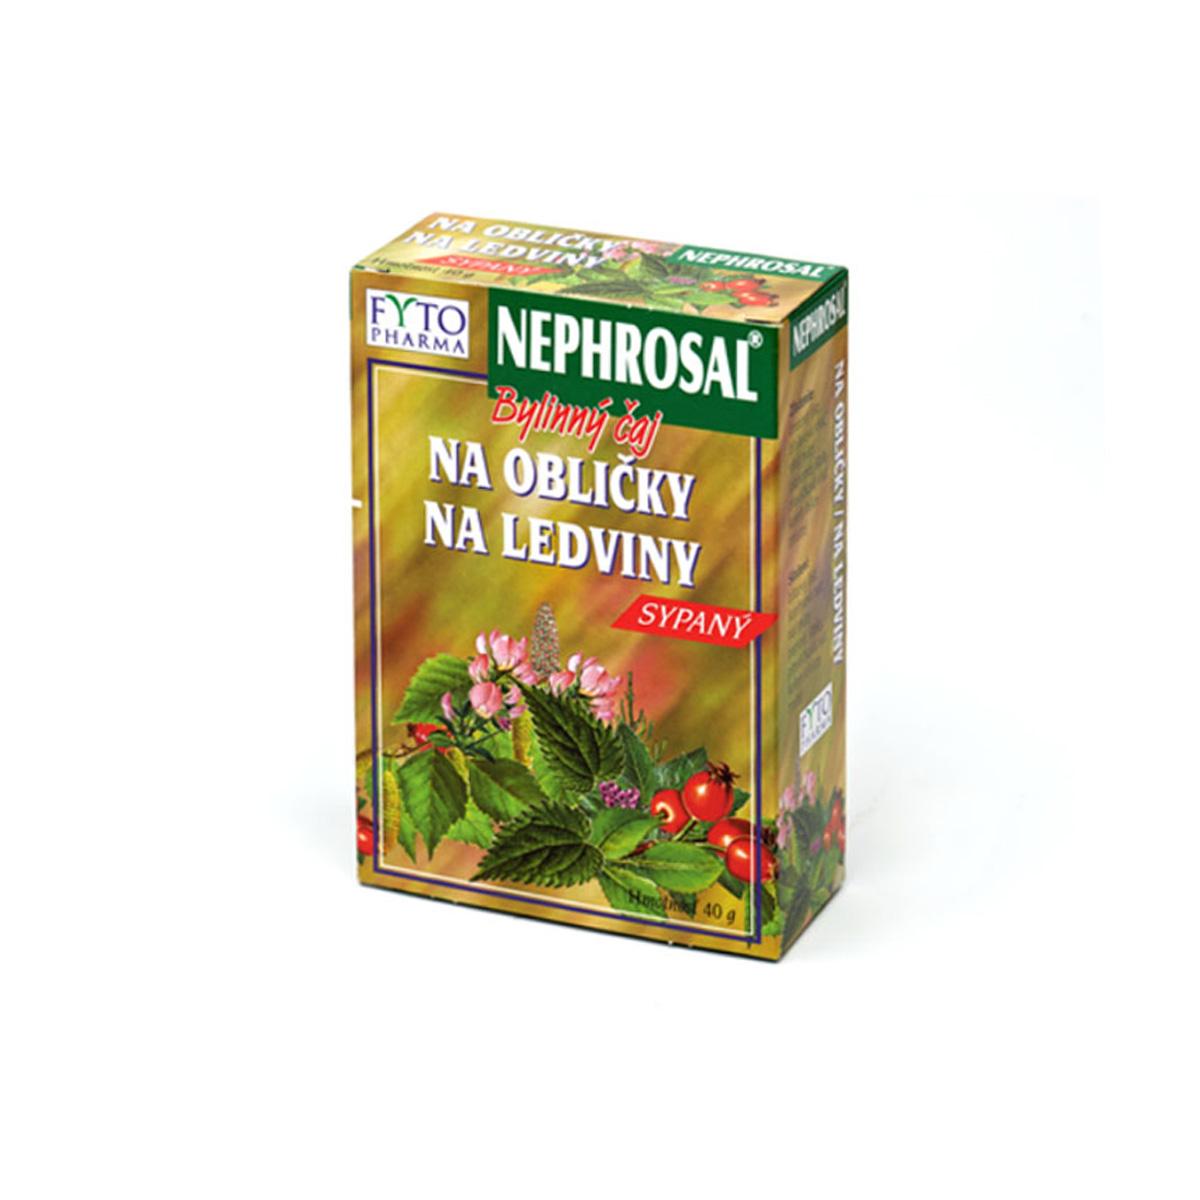 Fytopharma NEPHROSAL® bylinný čaj na ledviny 40 g